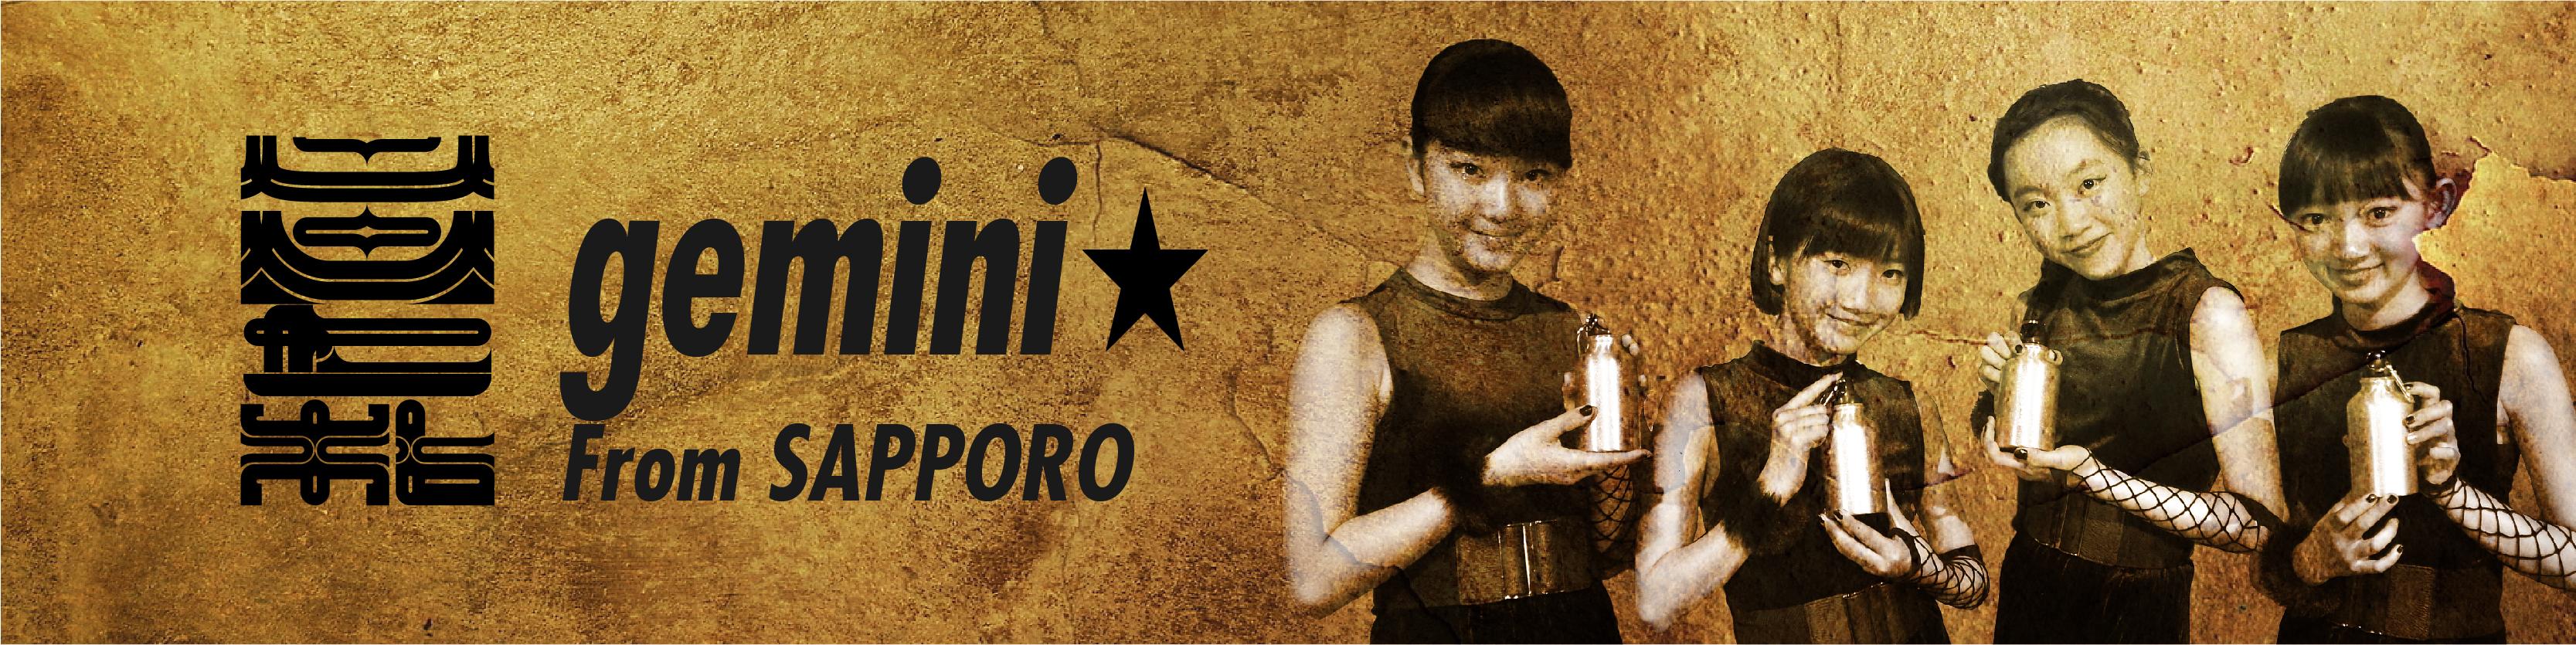 kdm7_finalist_09_SAPP_gemini